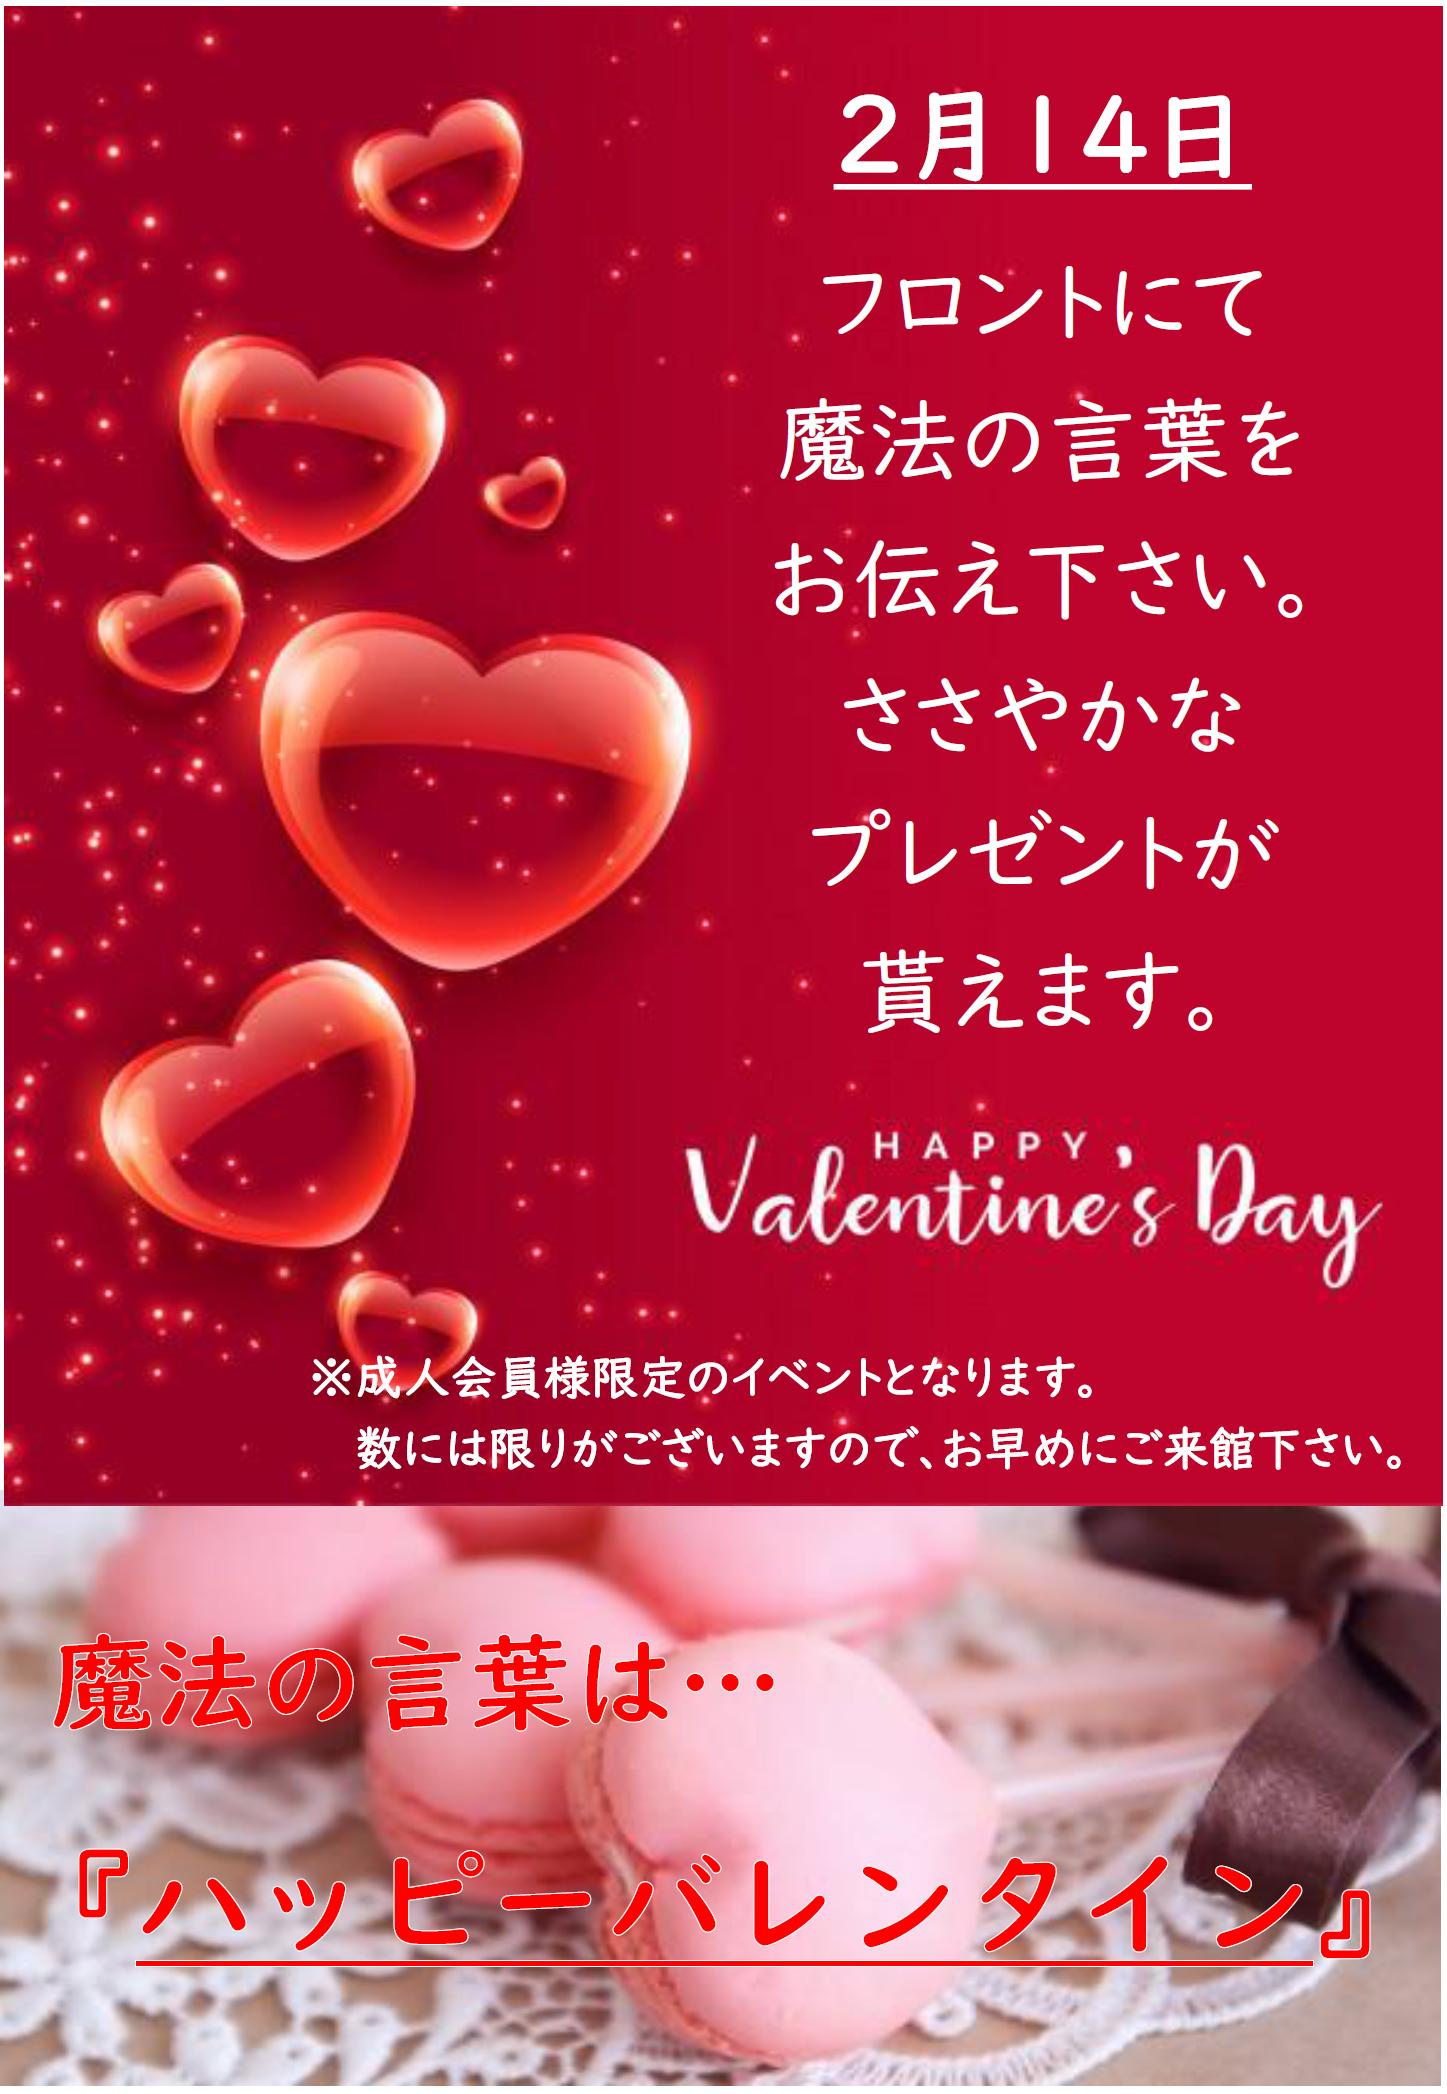 2 月 日 バレンタイン デー 14 2021年のバレンタインの日程は?「2月14日」の由来